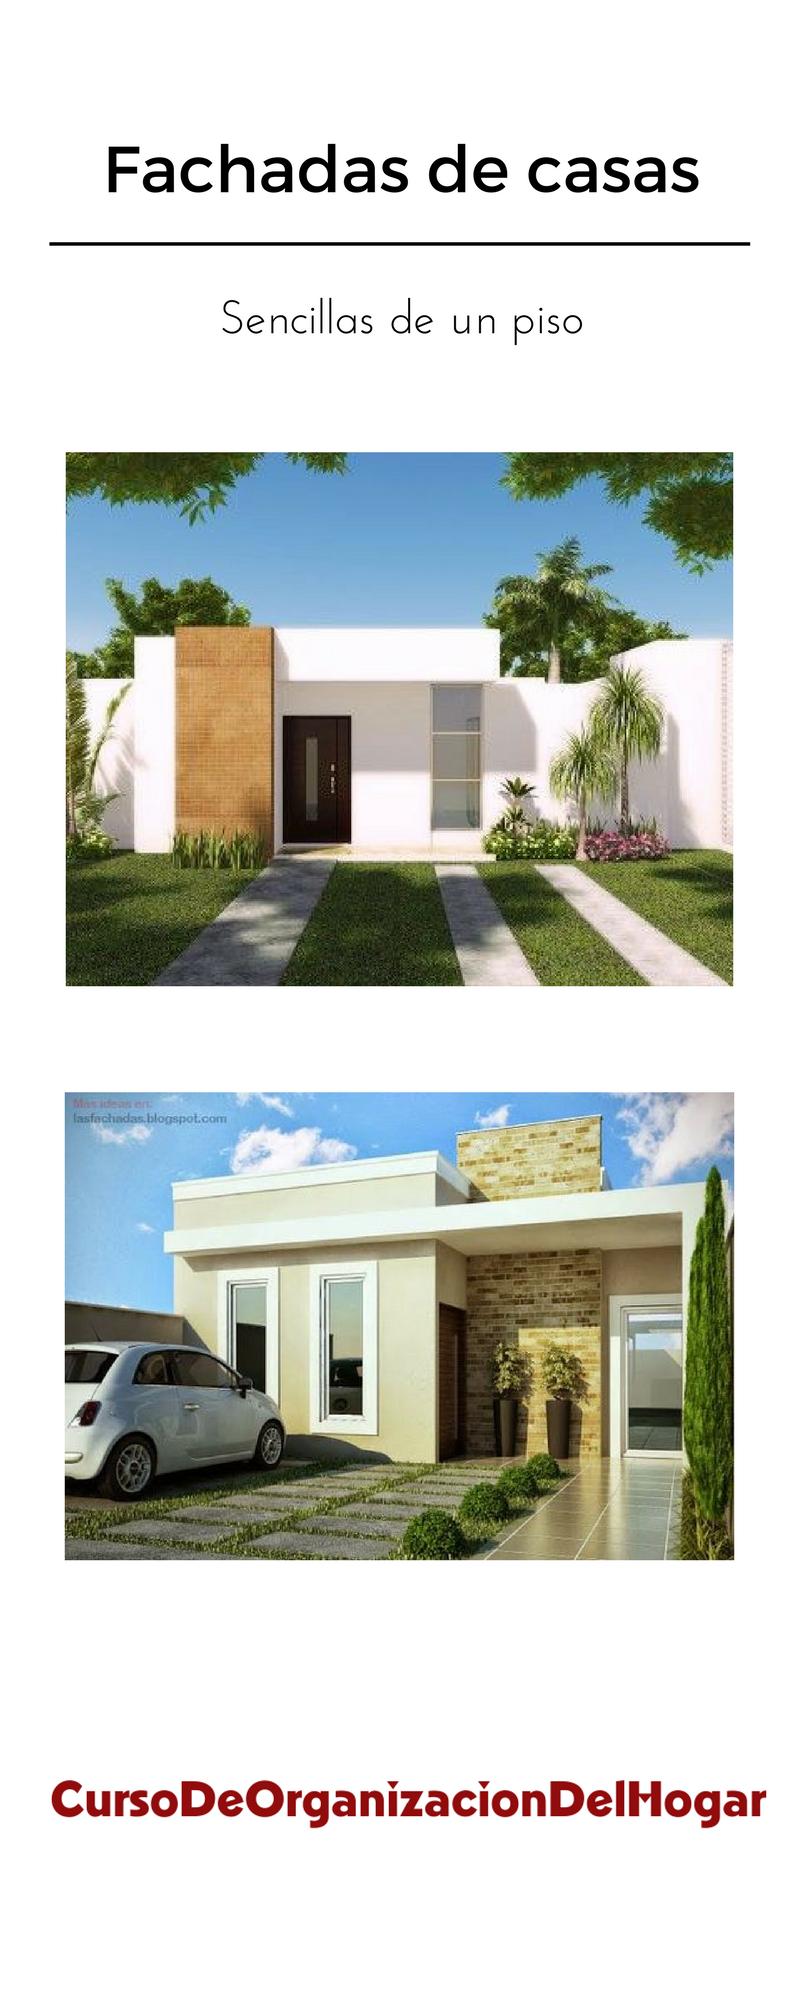 Fachadas de casas sencillas de un piso curso de for Fachadas de casas de un piso sencillas y modernas